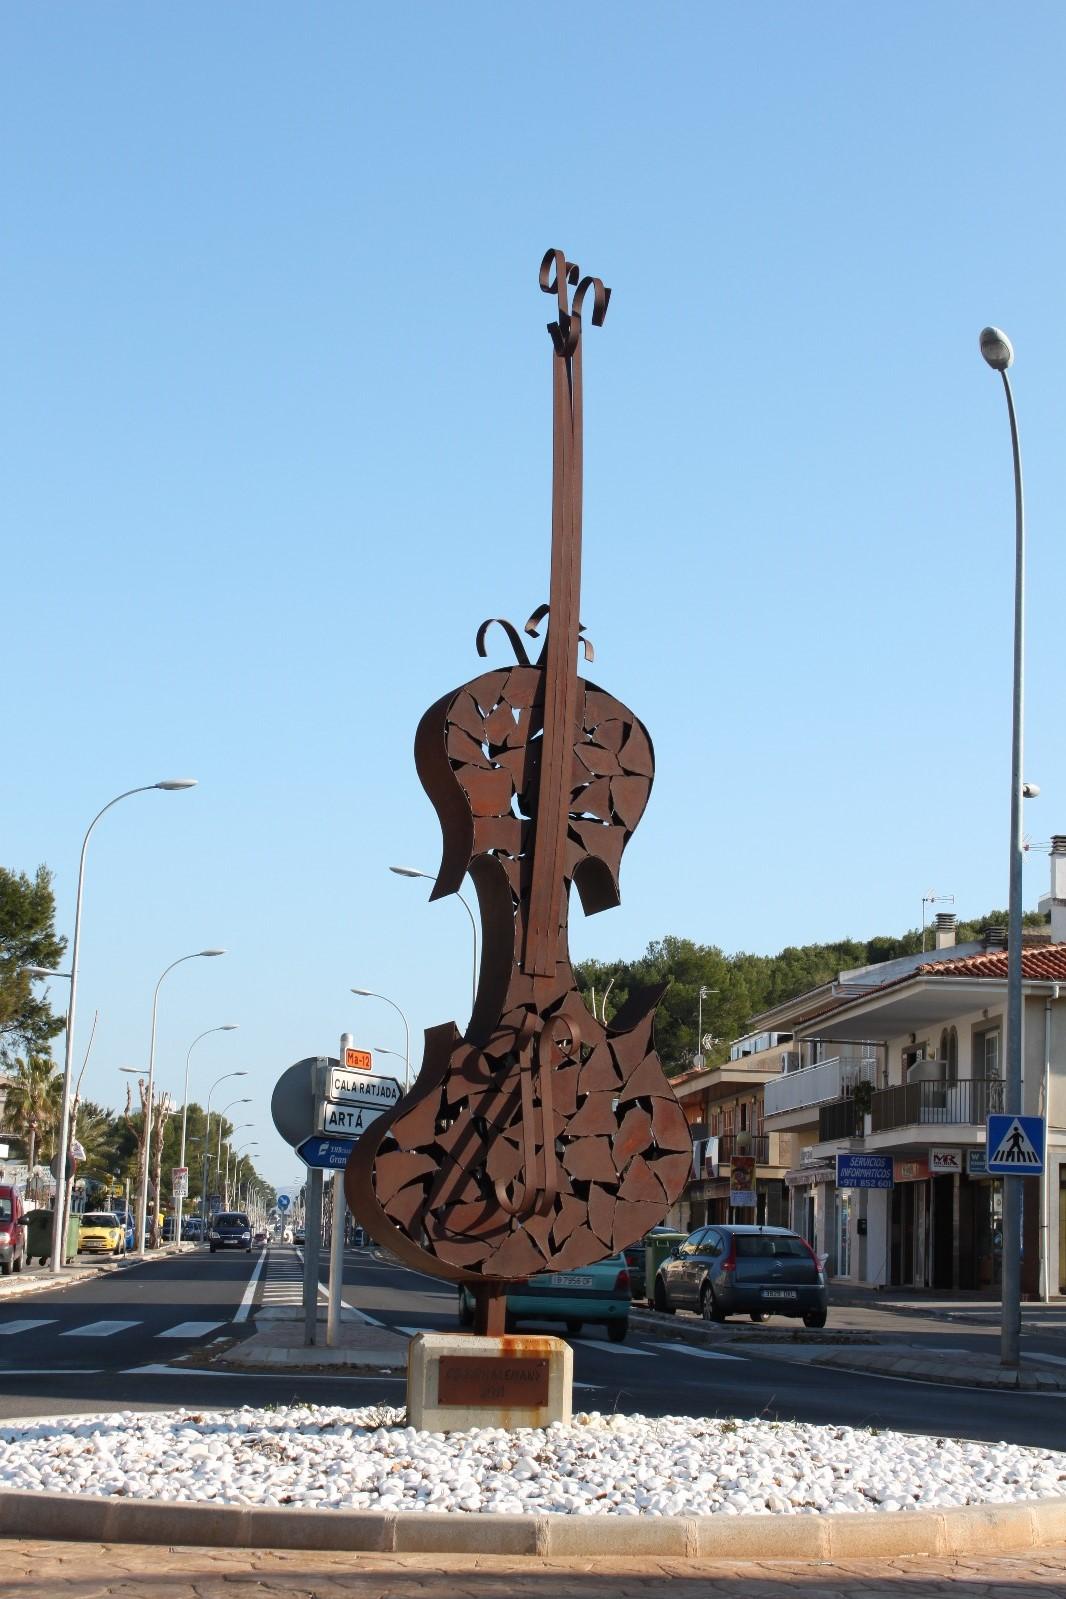 El Gran Violí. Escultura de un violín de hierro por el artista Crespí Alemany